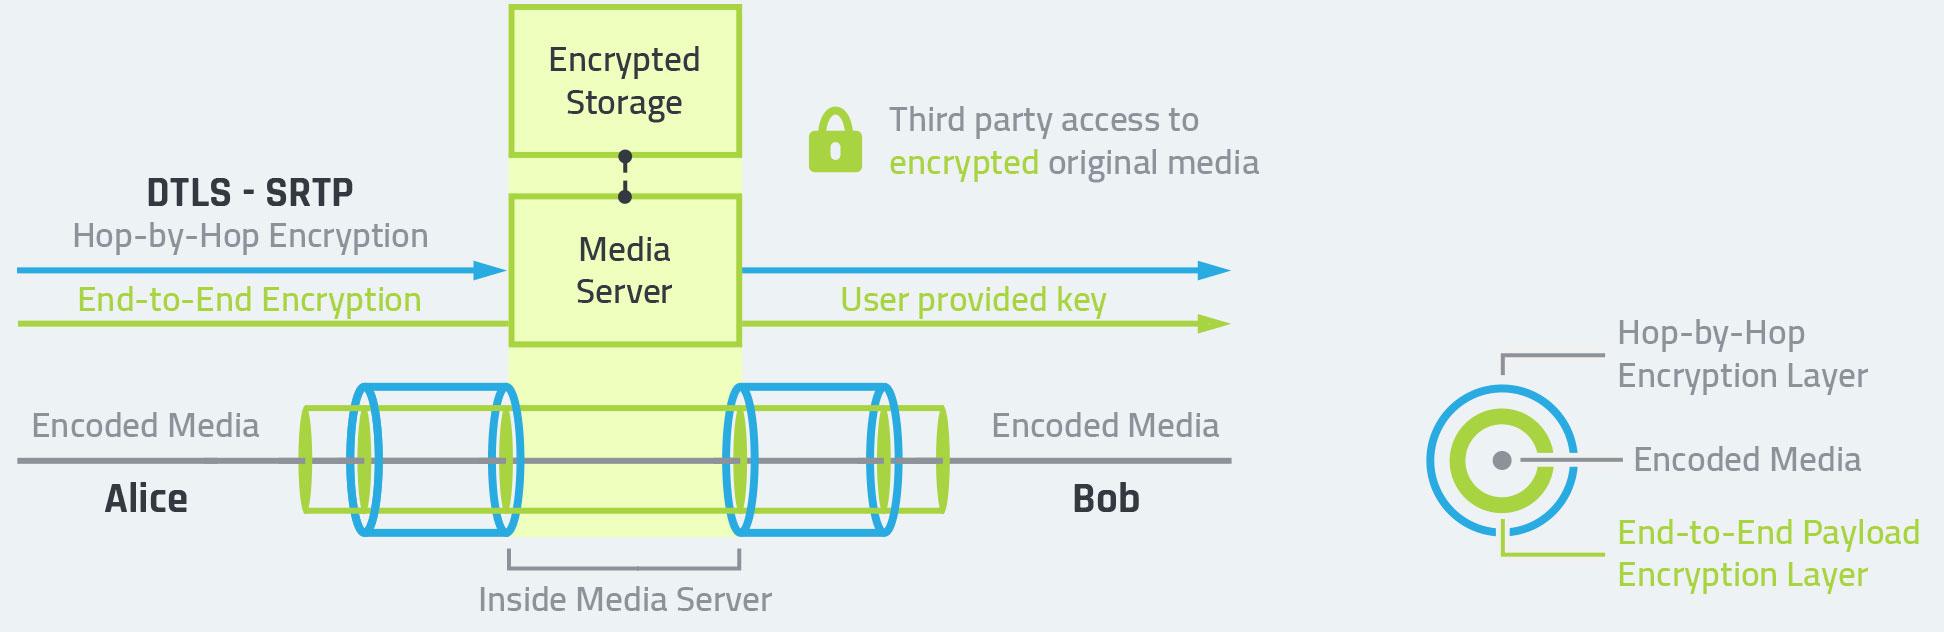 End-to-End Media Encryption